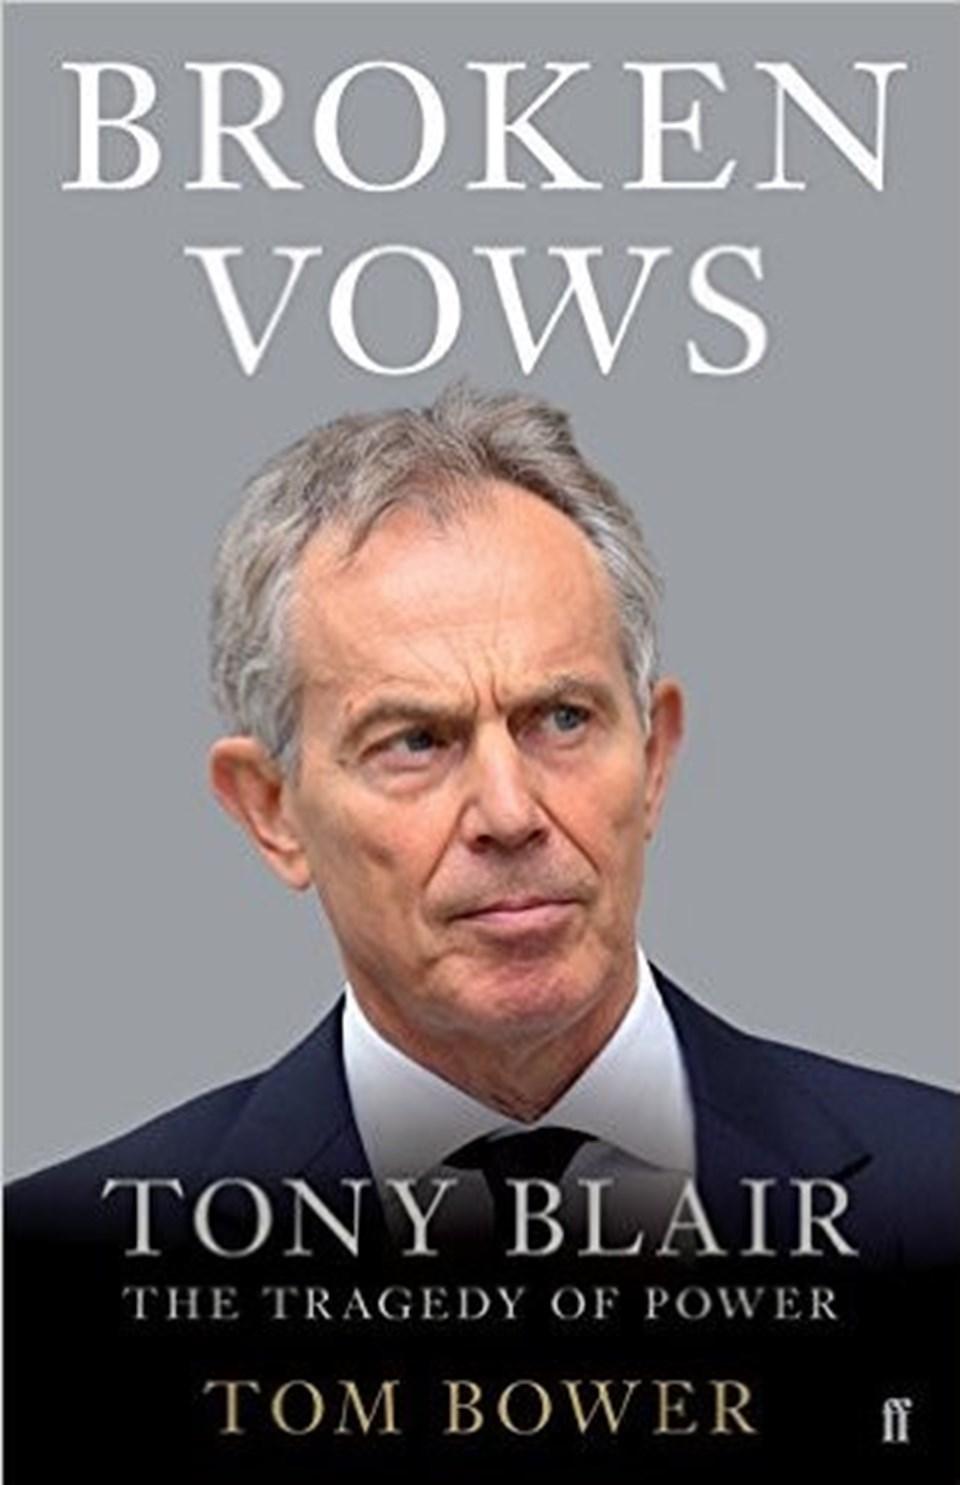 Perşembe günü piyasaya çıkması beklenen kitap, İngiltere eski Başbakanı Tony Blair'le ilgili çarpıcı iddialar ortaya atıyor.